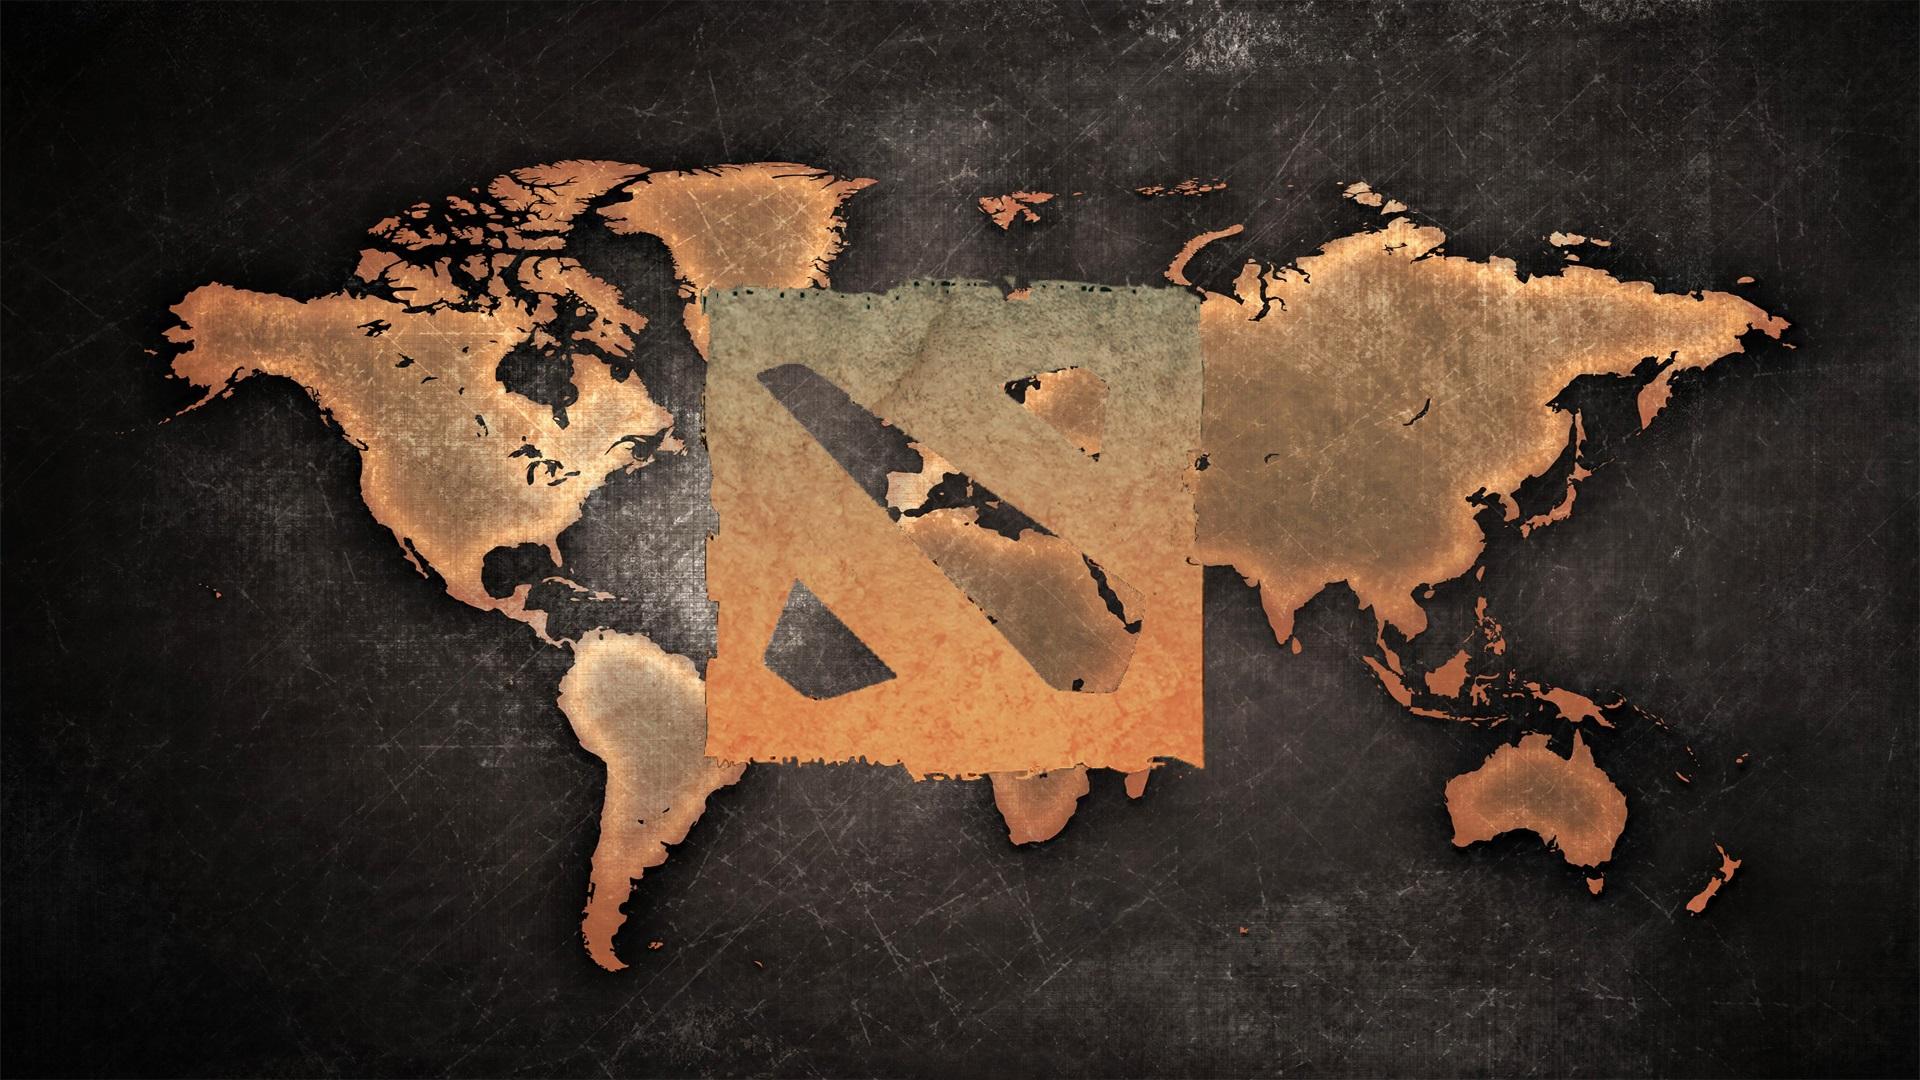 dota2 wallpapers.seoplus.com.ua 38